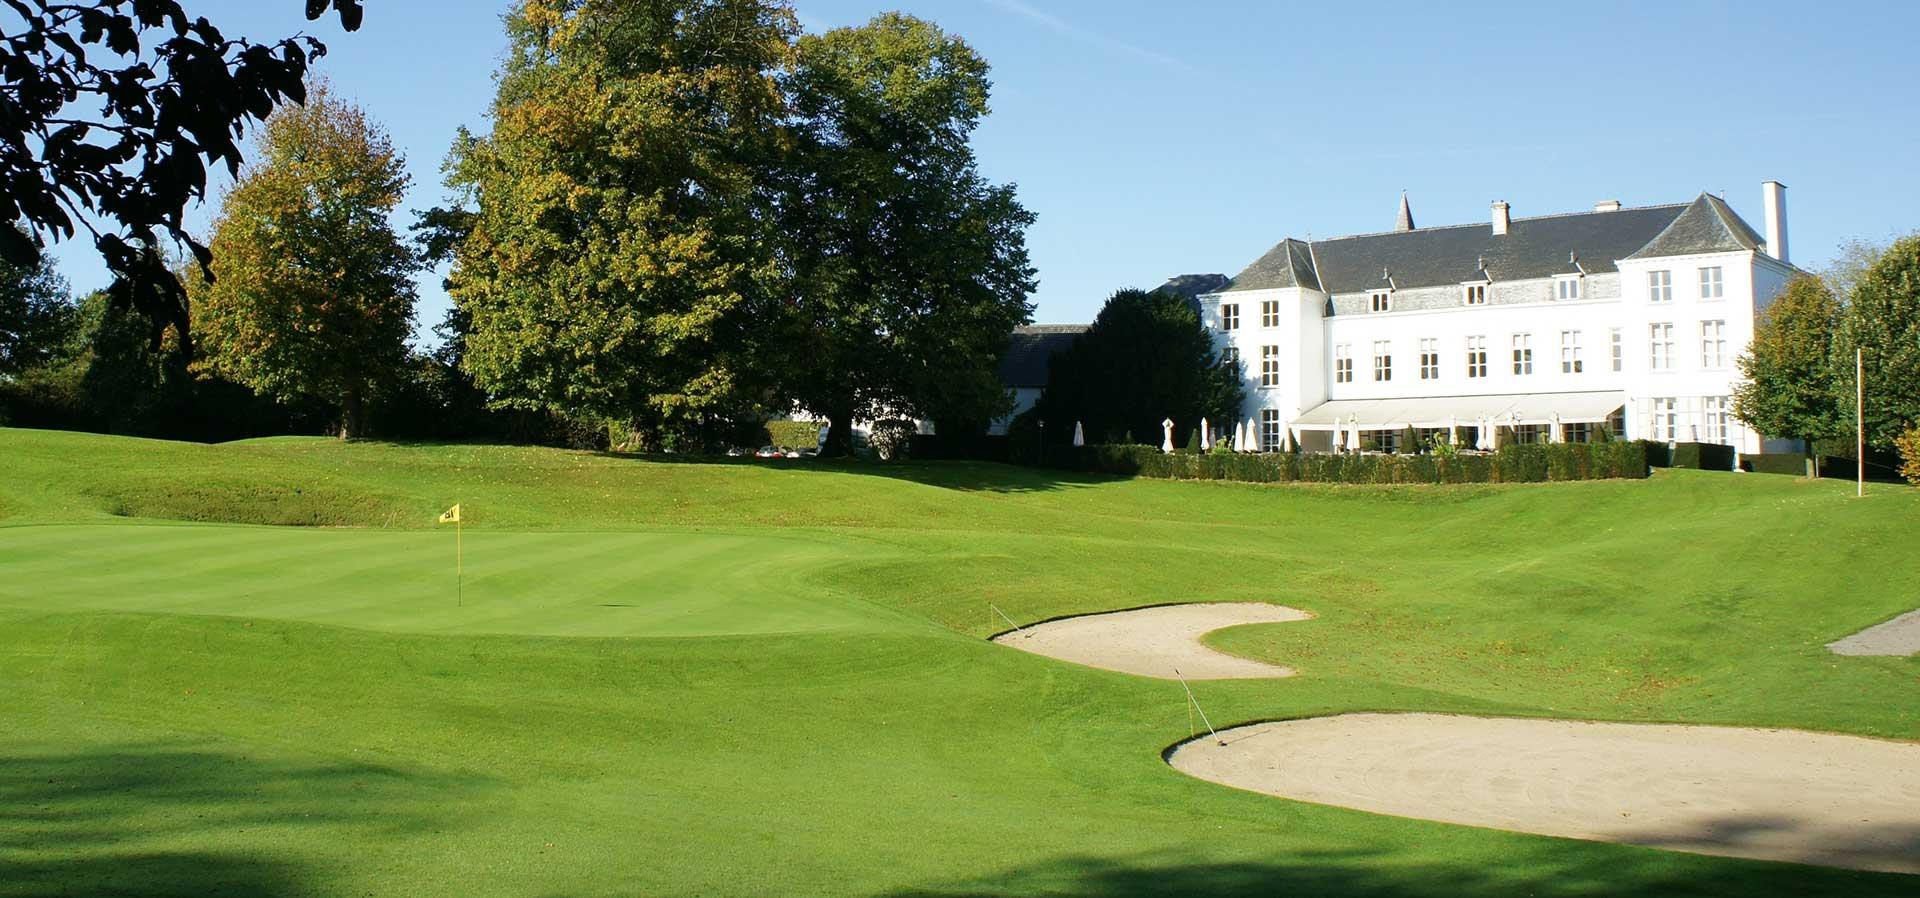 Golfexpedition-Golfreizen-België-Brussel-Klooster-Leuven-course-wit-gebouw-gras